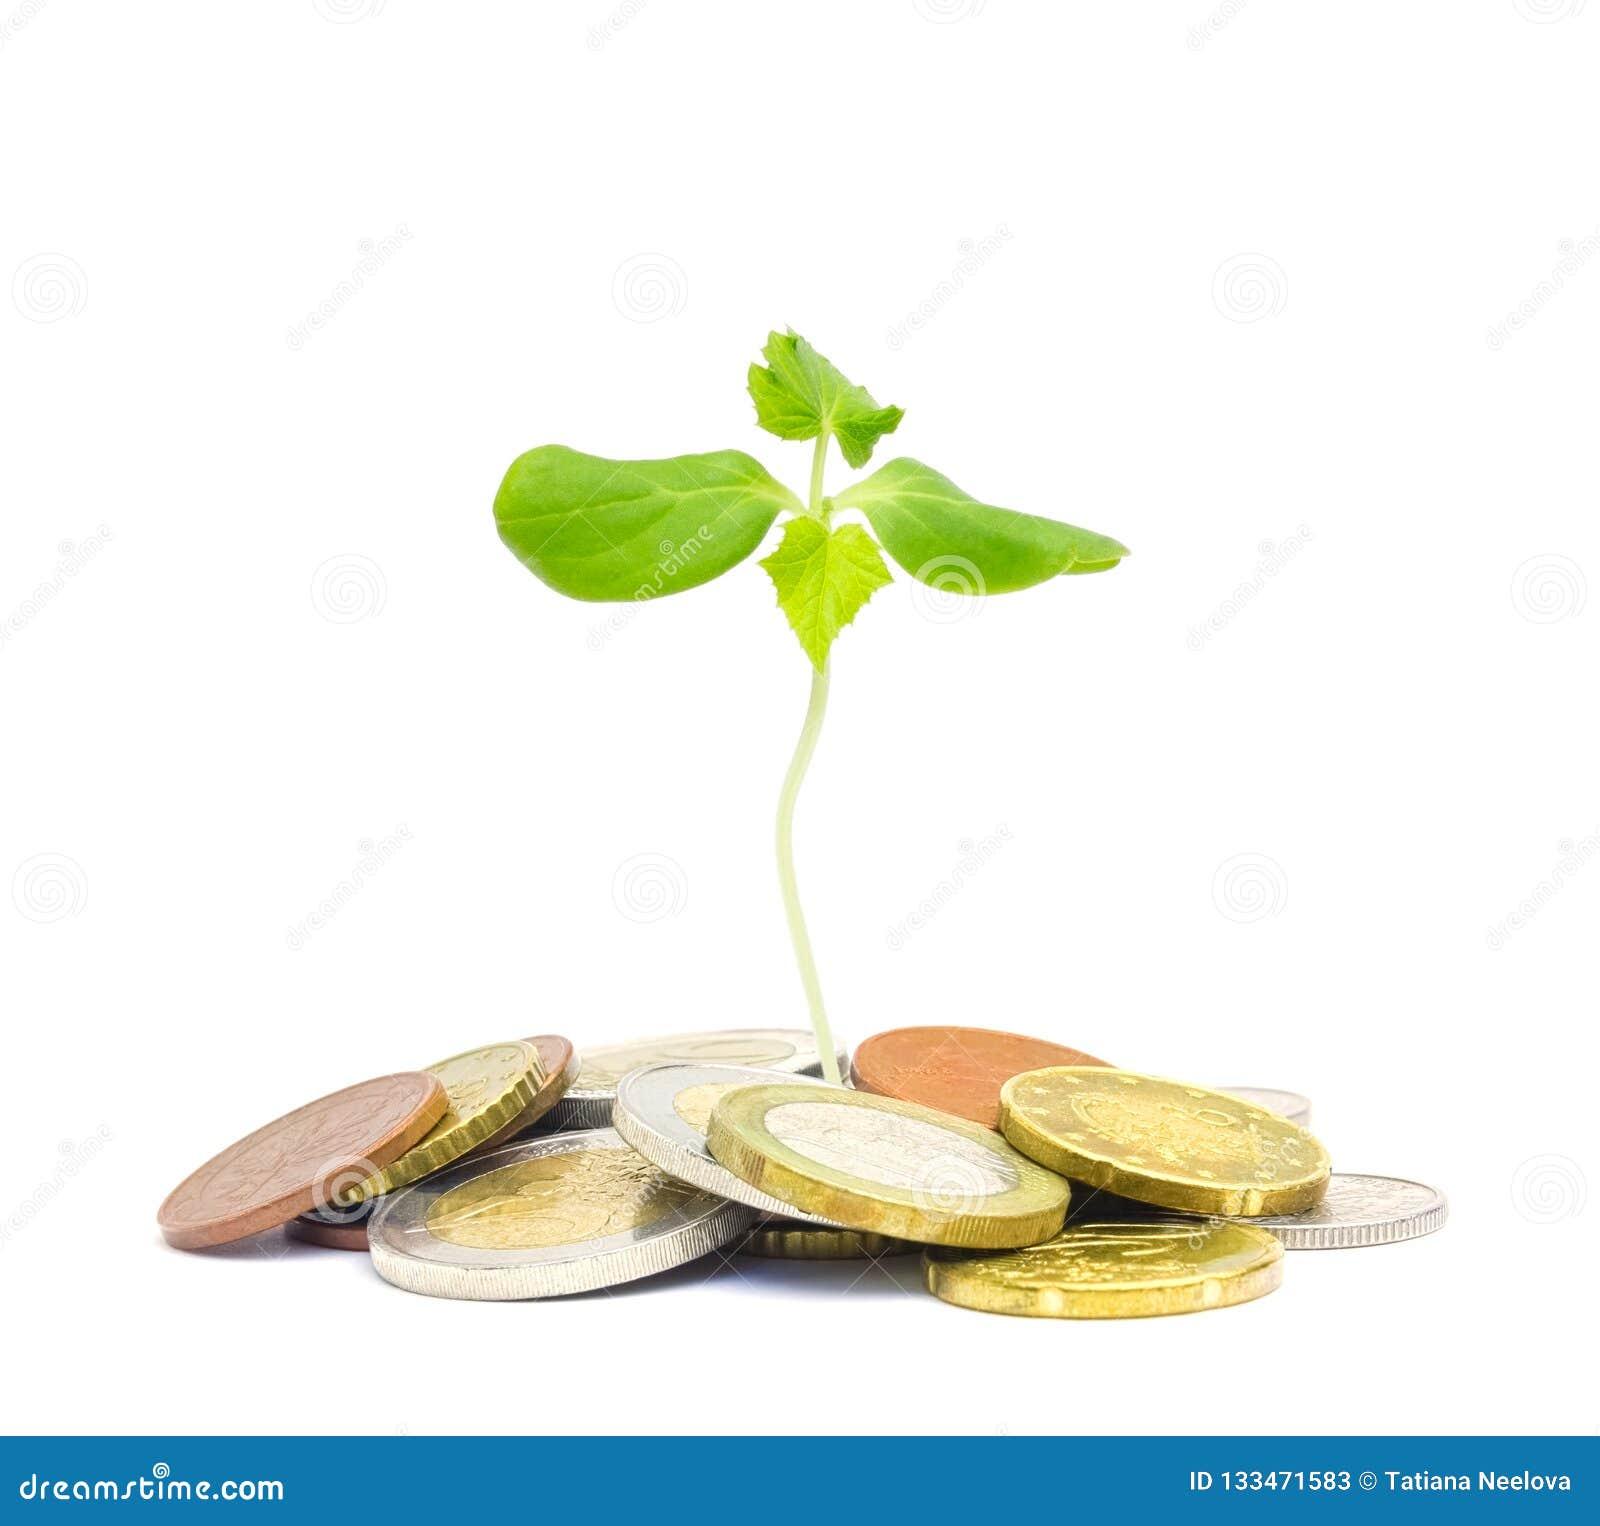 Żydowski dobroczynności pojęcie Tzedakah, tłumaczący jak dobroczynność Fotografia pieniądze, rozsypisko euro monety i mała zieleń